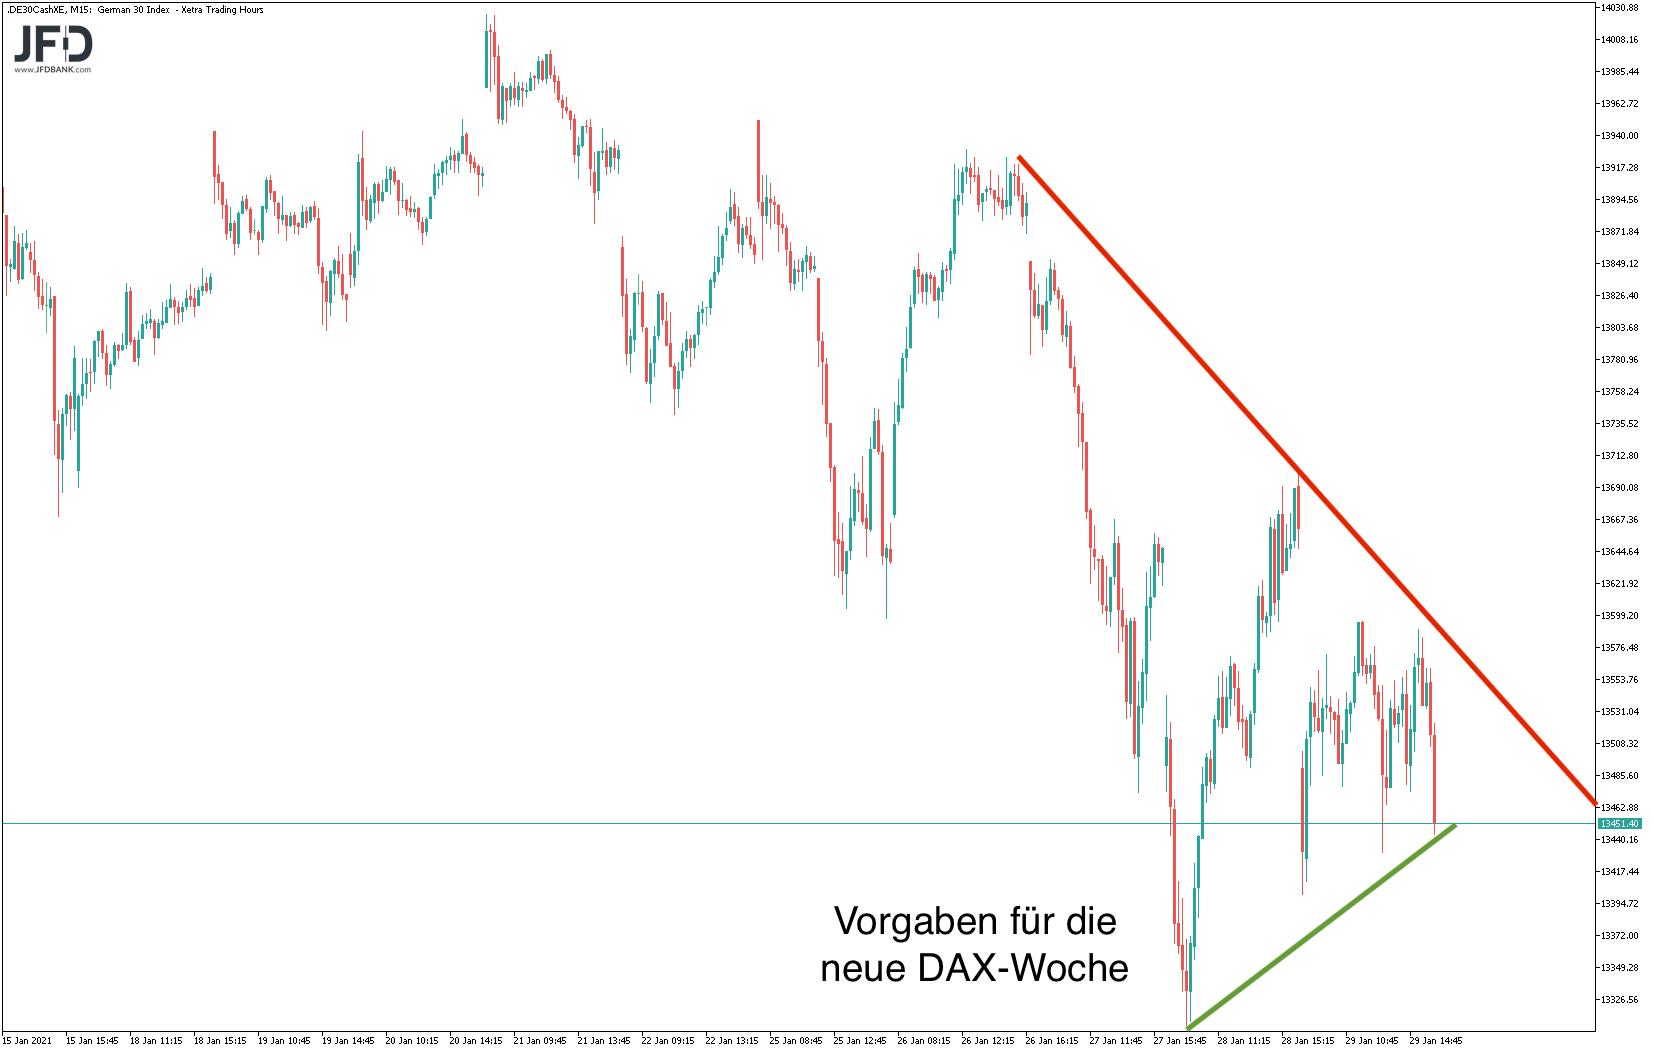 Dreieck zum neuen DAX-Wochenstart